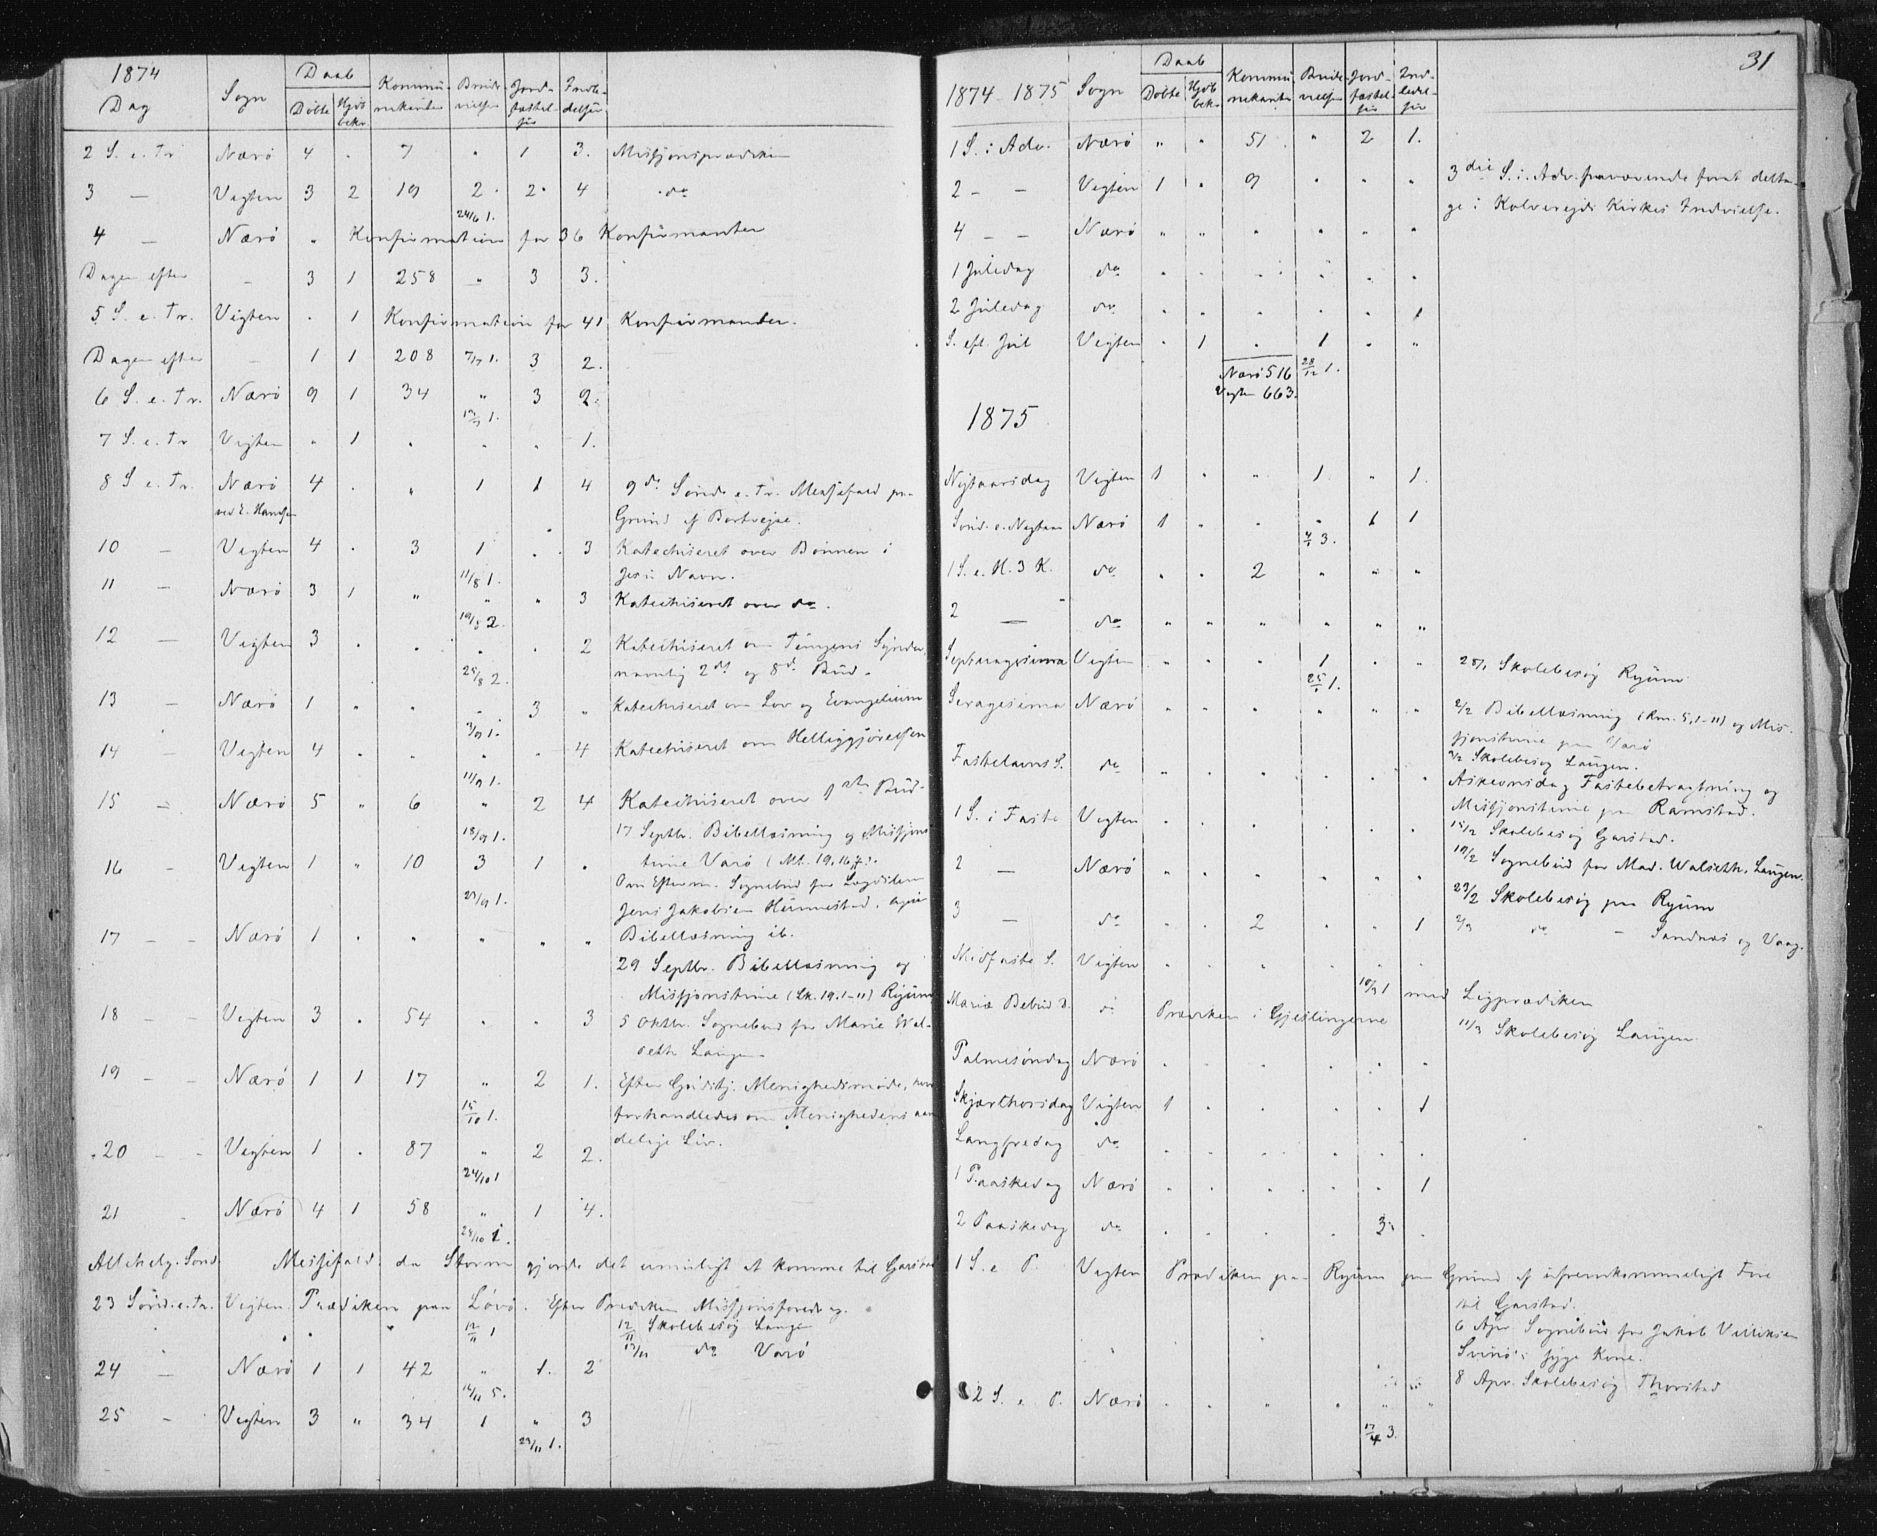 SAT, Ministerialprotokoller, klokkerbøker og fødselsregistre - Nord-Trøndelag, 784/L0670: Ministerialbok nr. 784A05, 1860-1876, s. 31